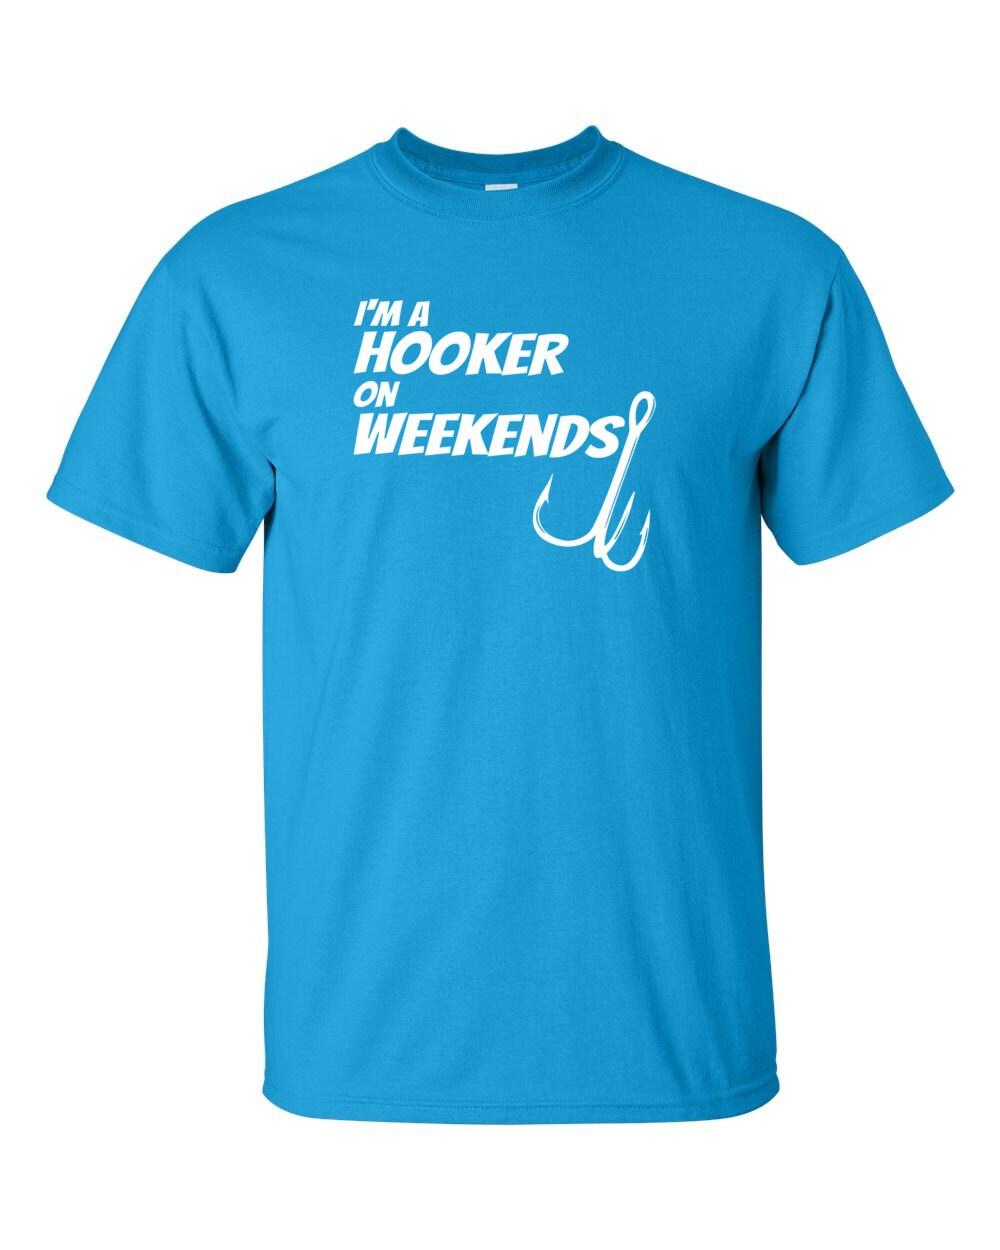 Fishing T-shirt - I'm A Hooker On Weekends - Fishing T-shirt